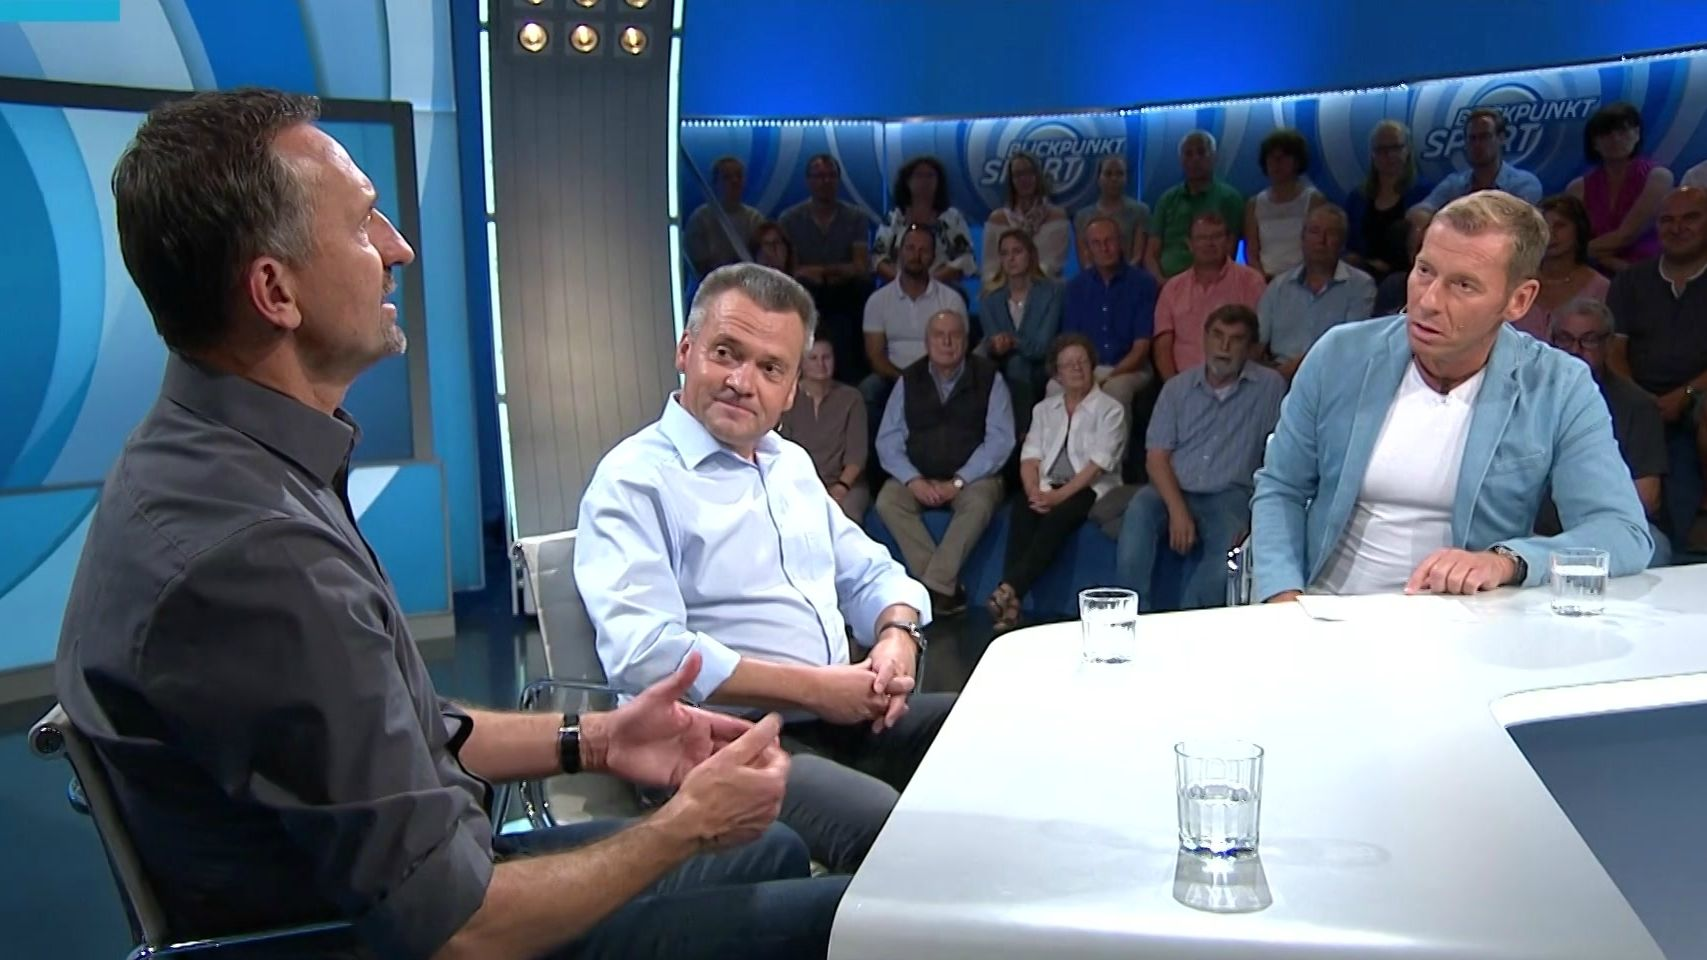 Manfred Schwabl und Achim Beierlorzer im Gespräch mit Markus Othmer